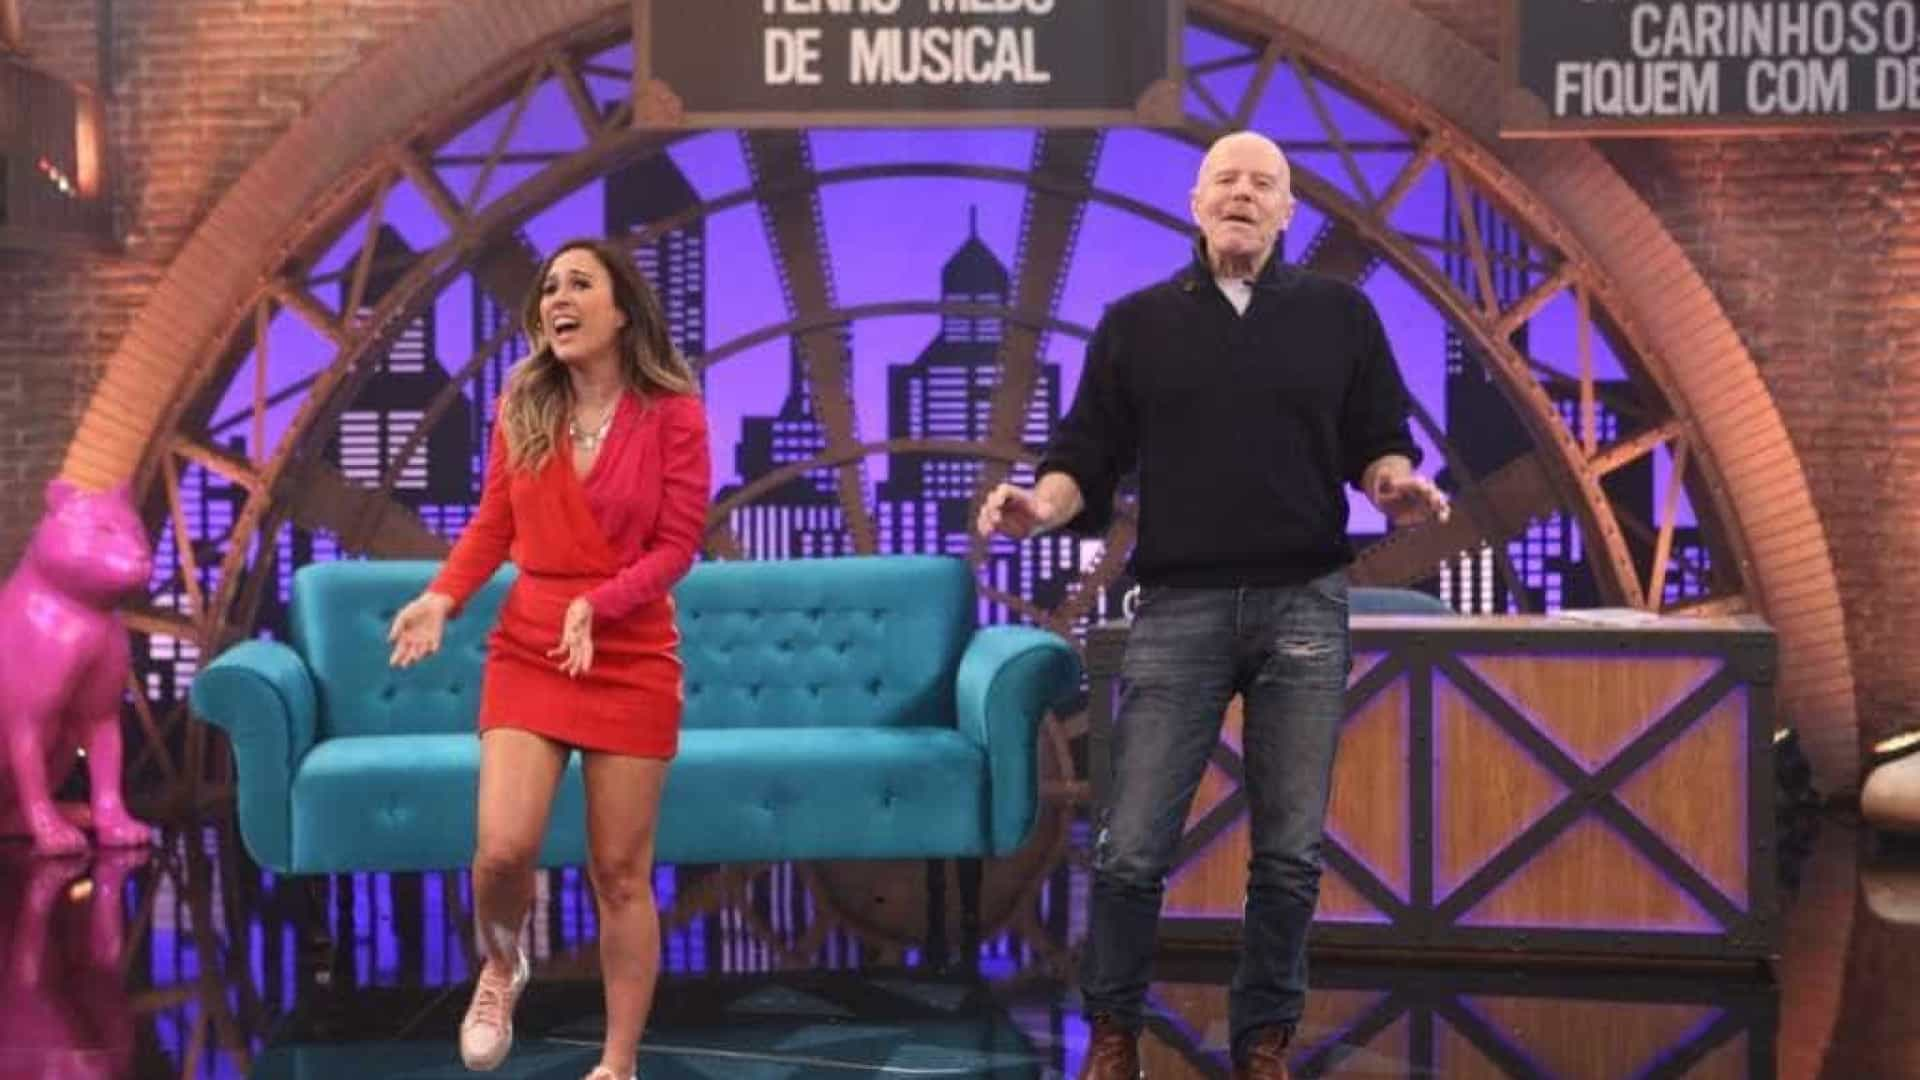 Miguel Falabella revela clima 'insuportável' com Maitê Proença na Globo